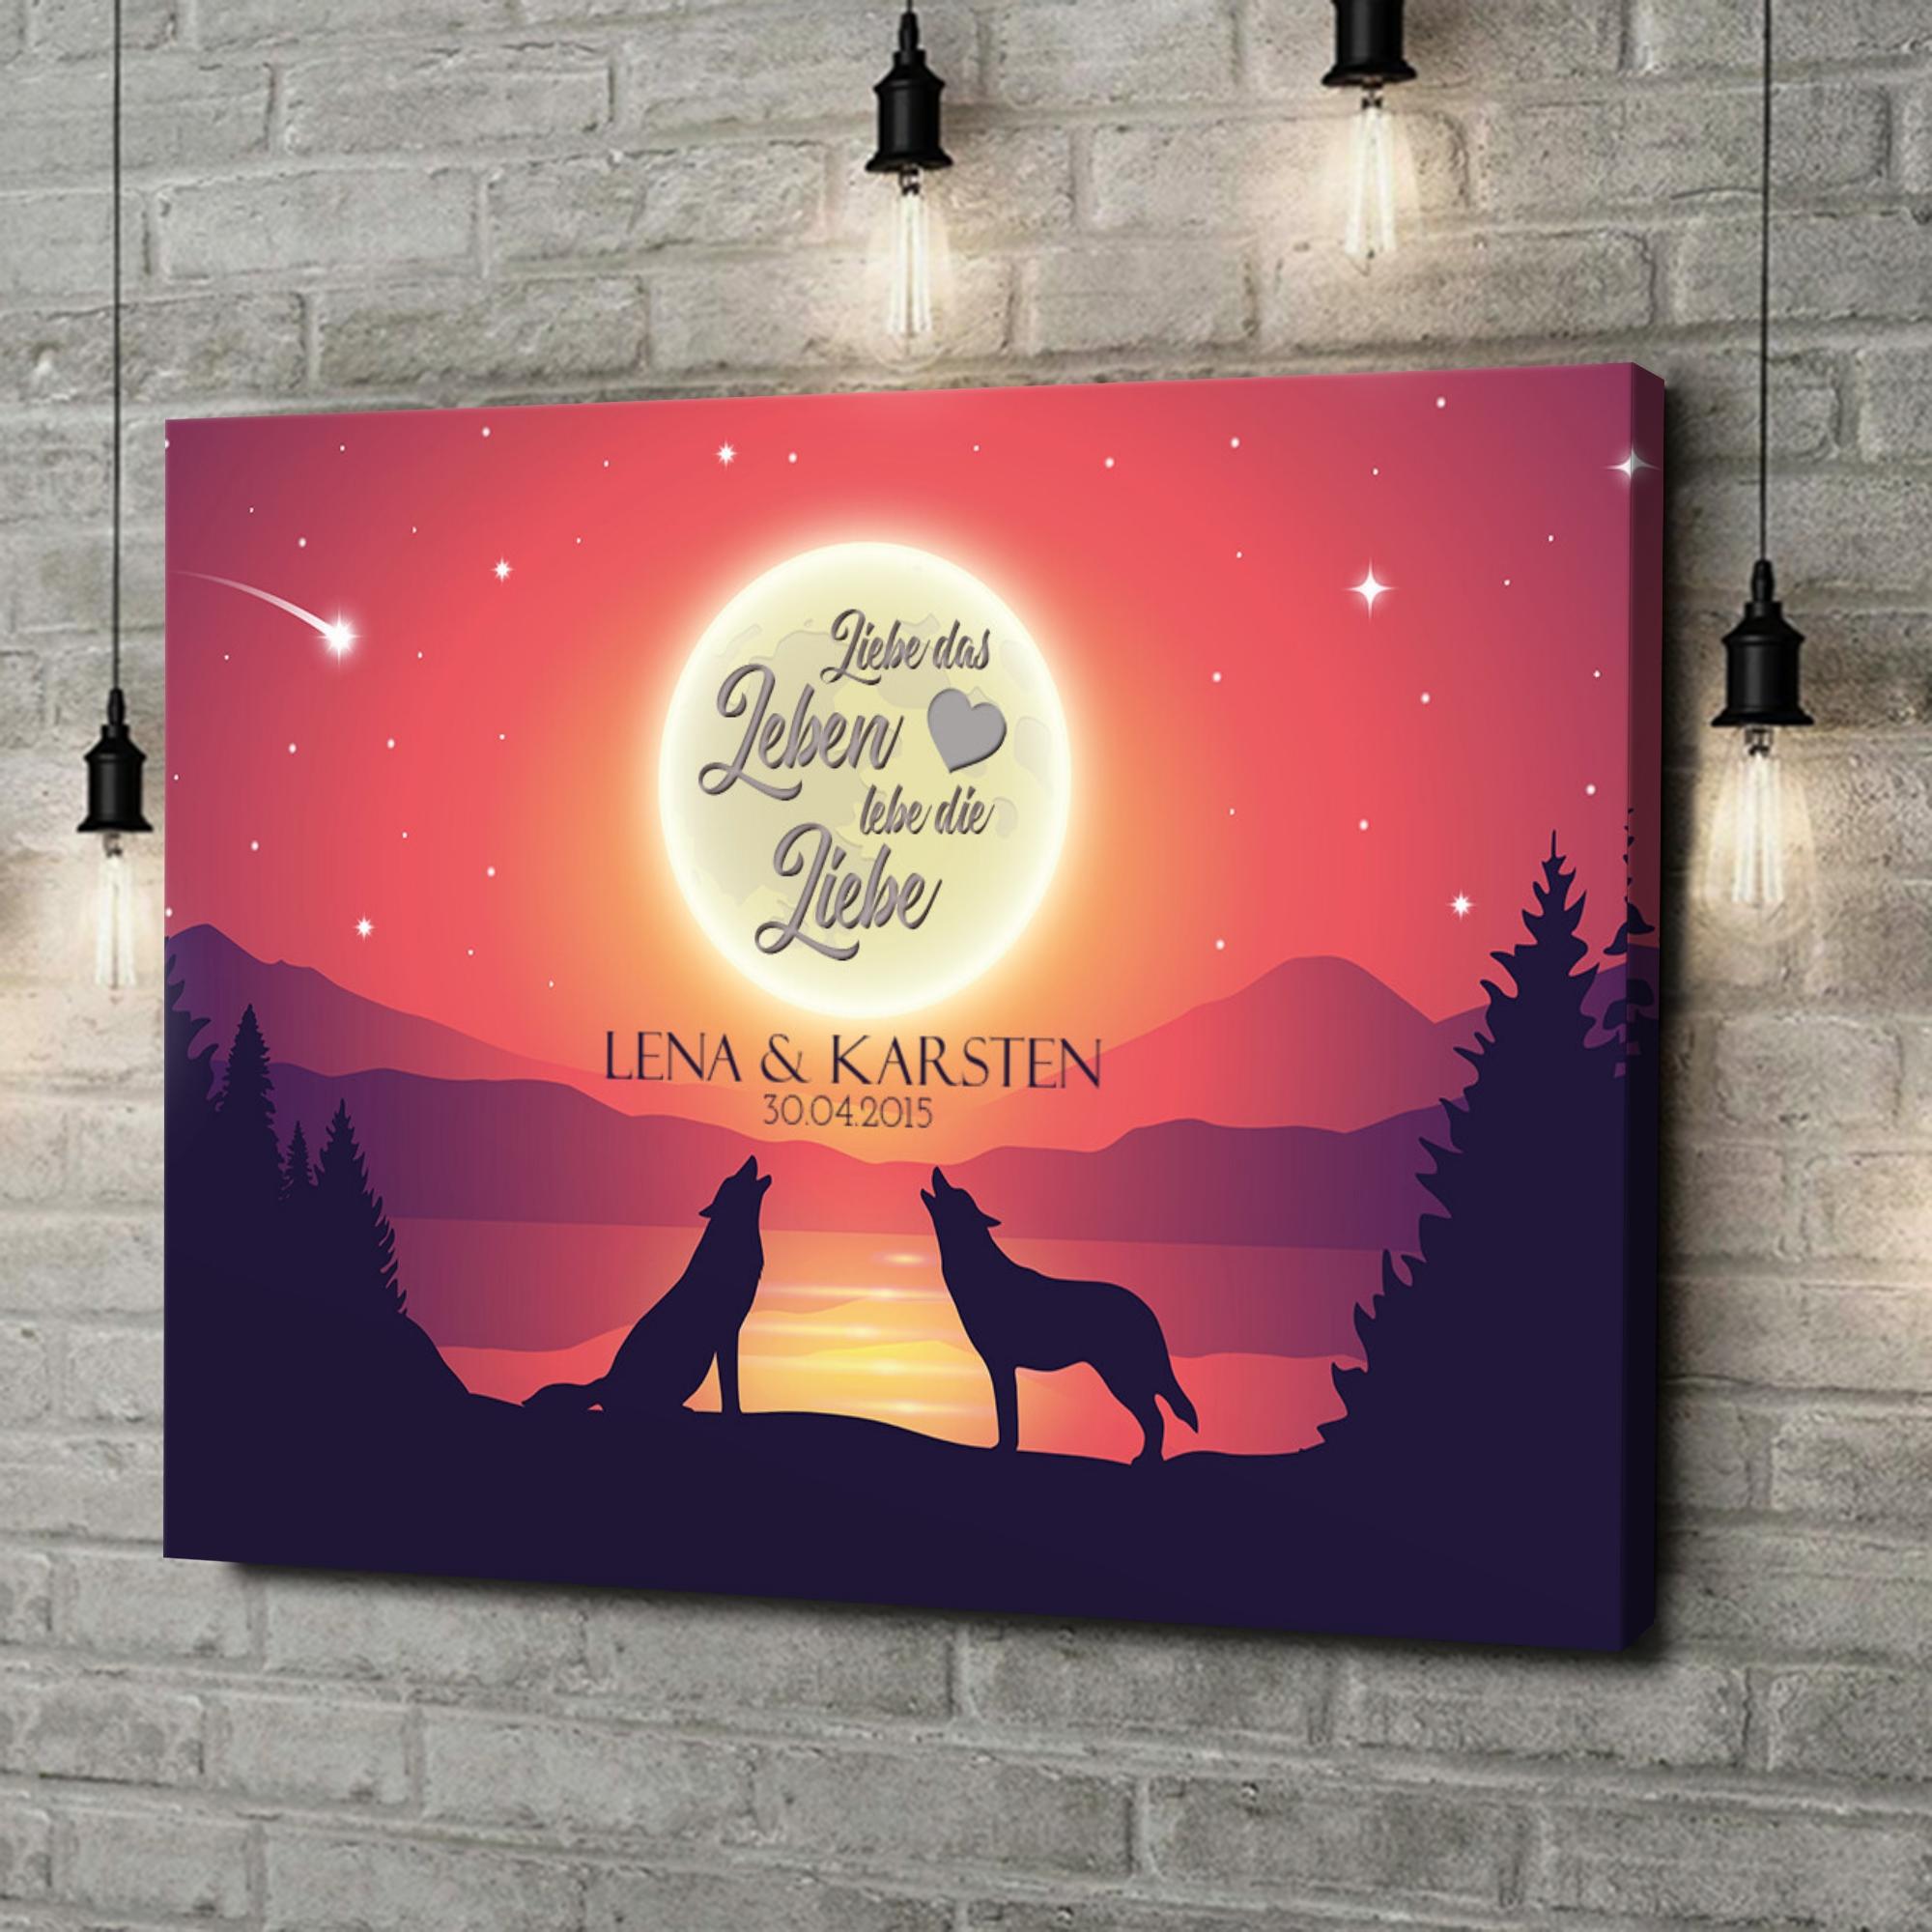 Leinwandbild personalisiert Liebe im Mondschein